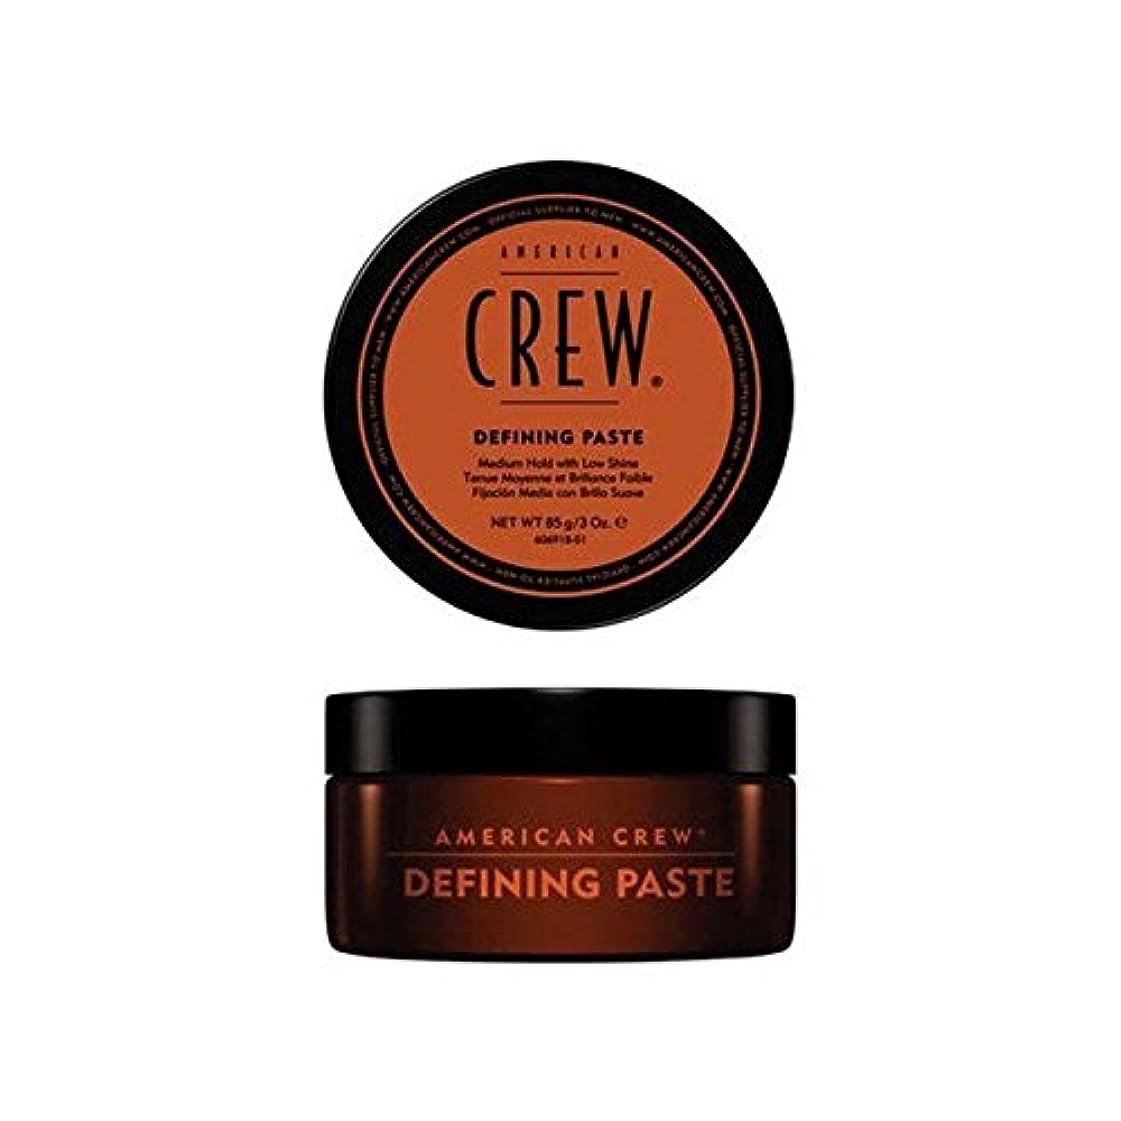 針好奇心盛こっそりアメリカの乗組員の定義ペースト(85グラム) x4 - American Crew Defining Paste (85G) (Pack of 4) [並行輸入品]